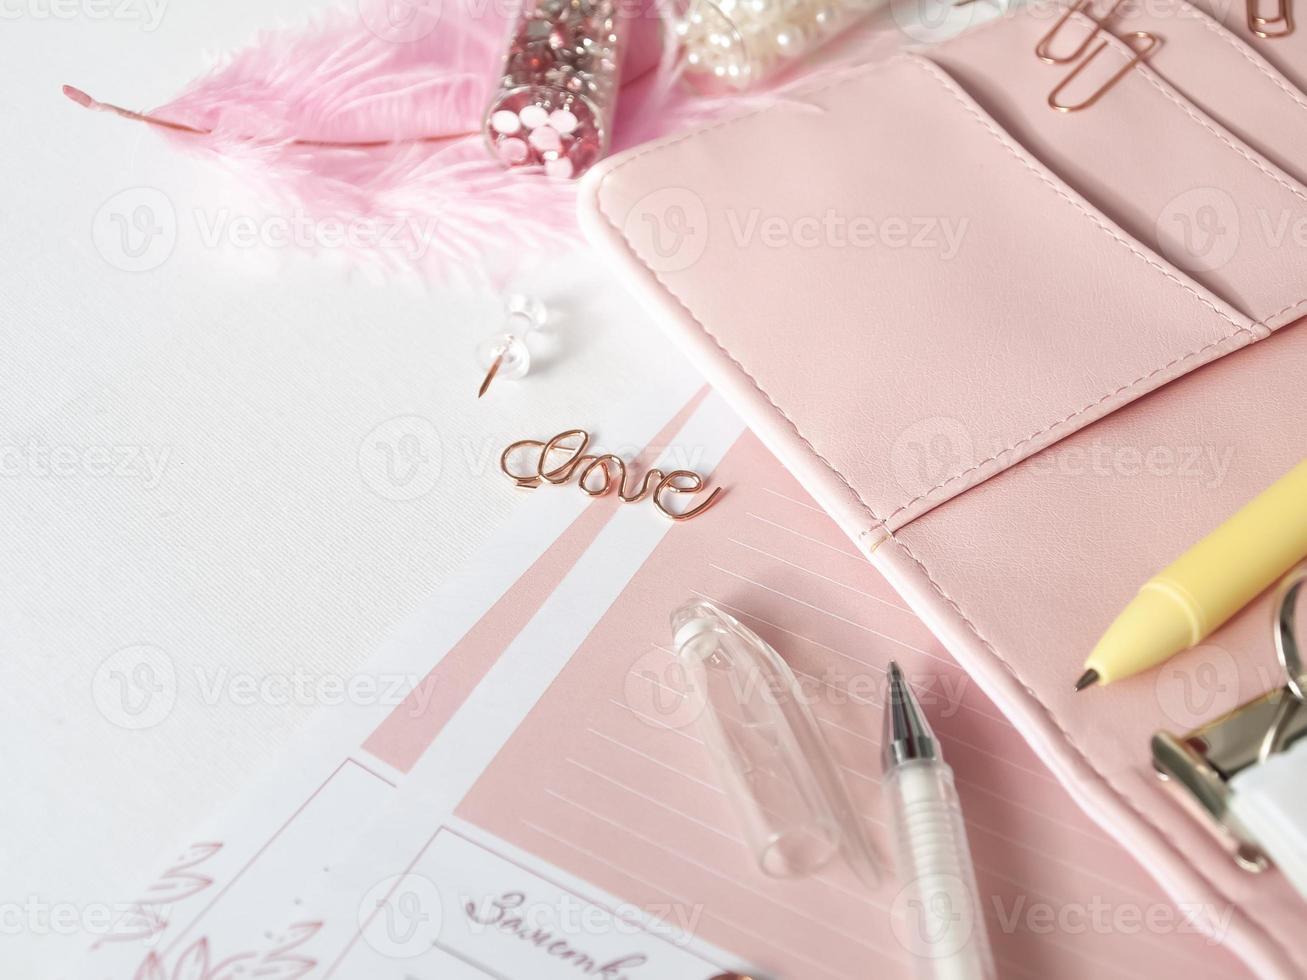 rose gouden planner briefpapier. pin-vormige belettering liefde. witte pen en roze planner op witte achtergrond foto